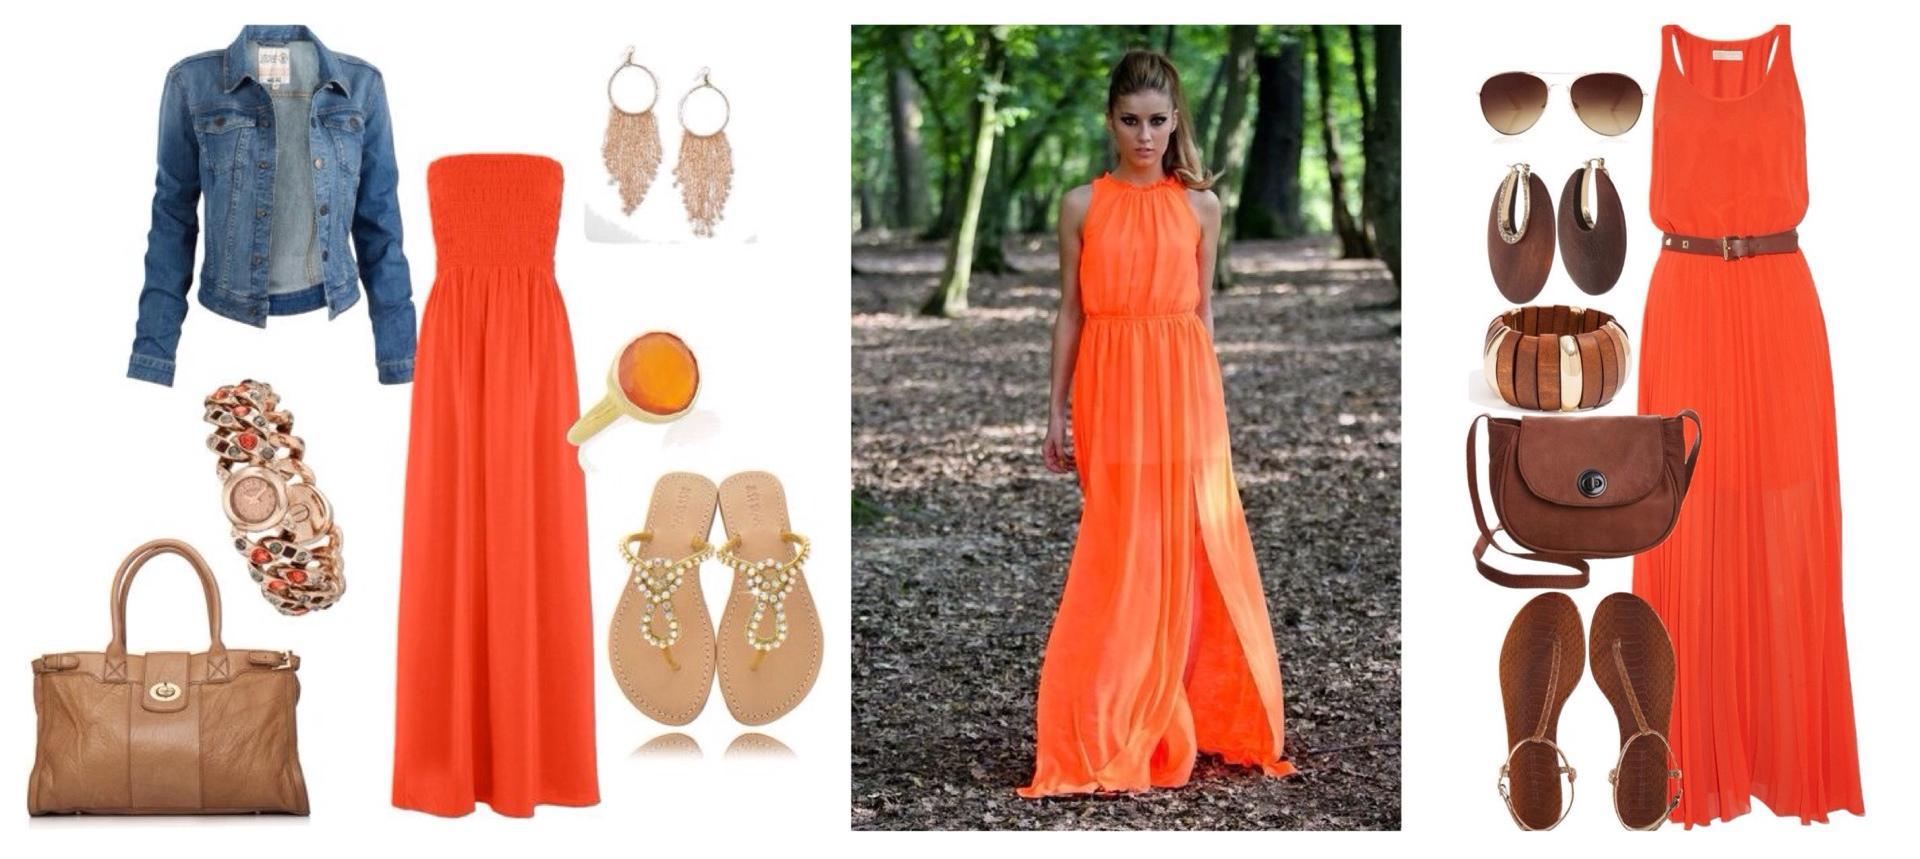 Оранжевое платье аксессуары к нему